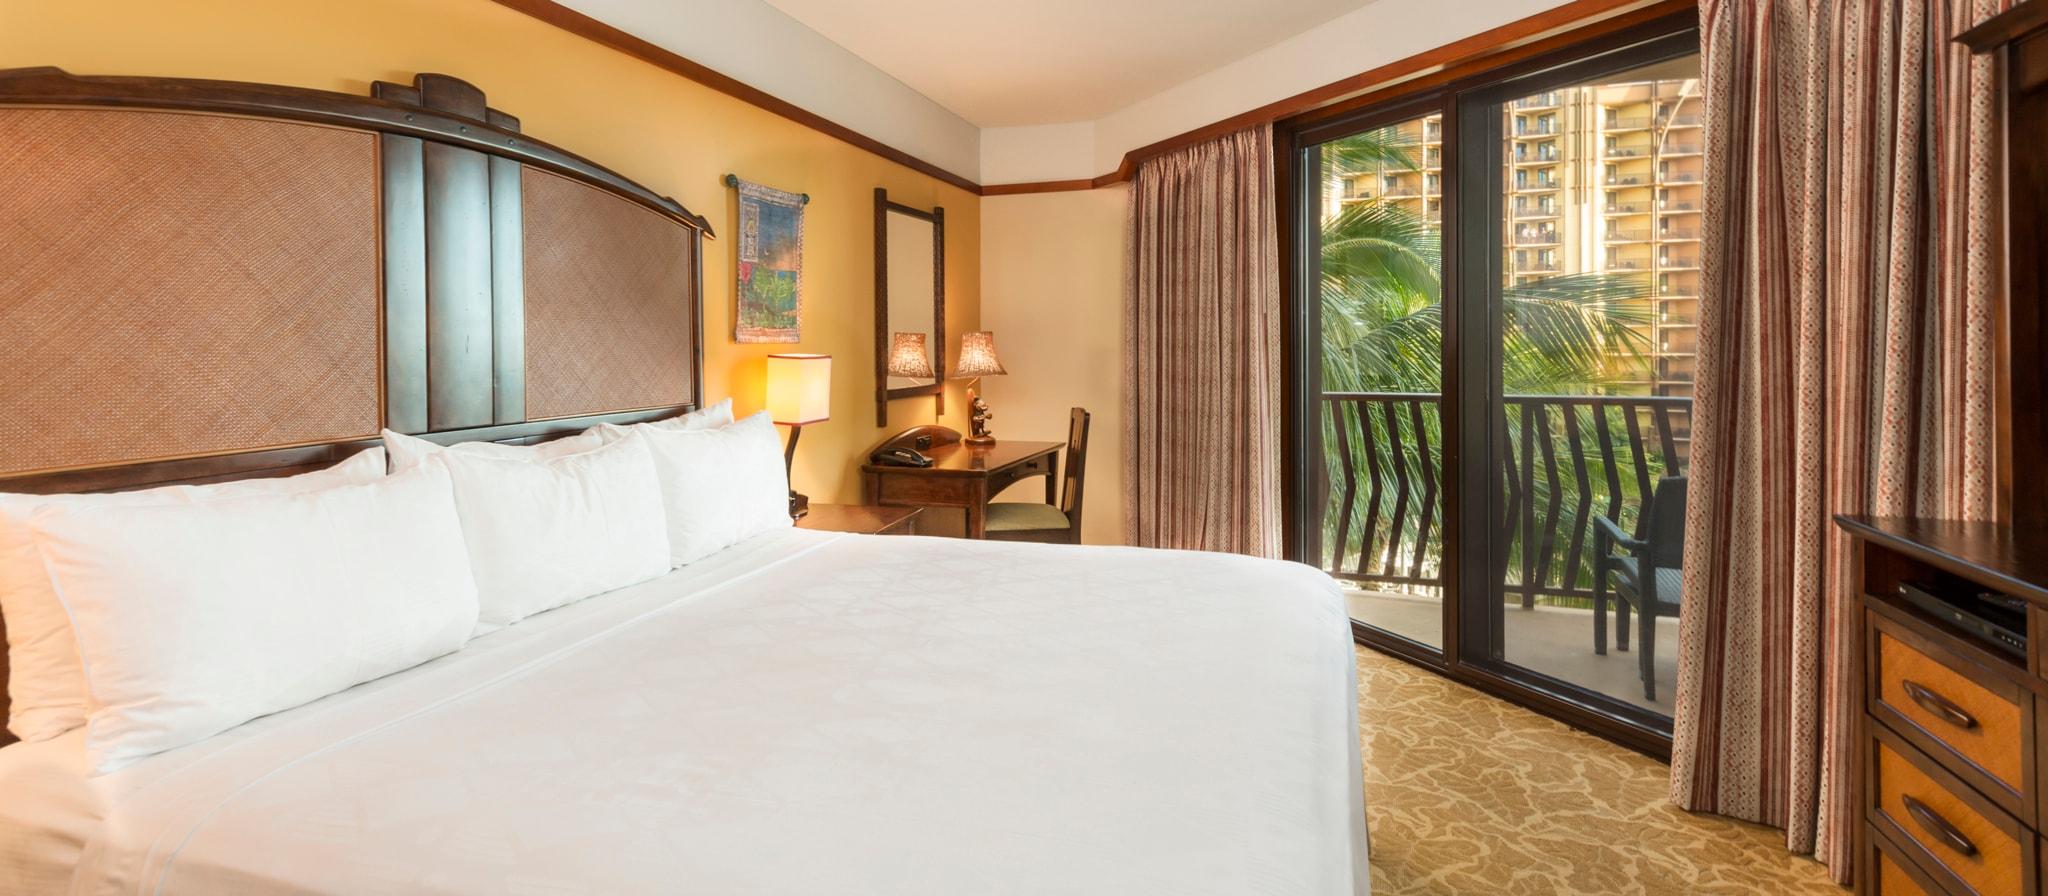 清潔なリネン、木のアクセントによるあたたかな雰囲気、広いバスルームを備えた 1 ベッドルーム・ヴィラ